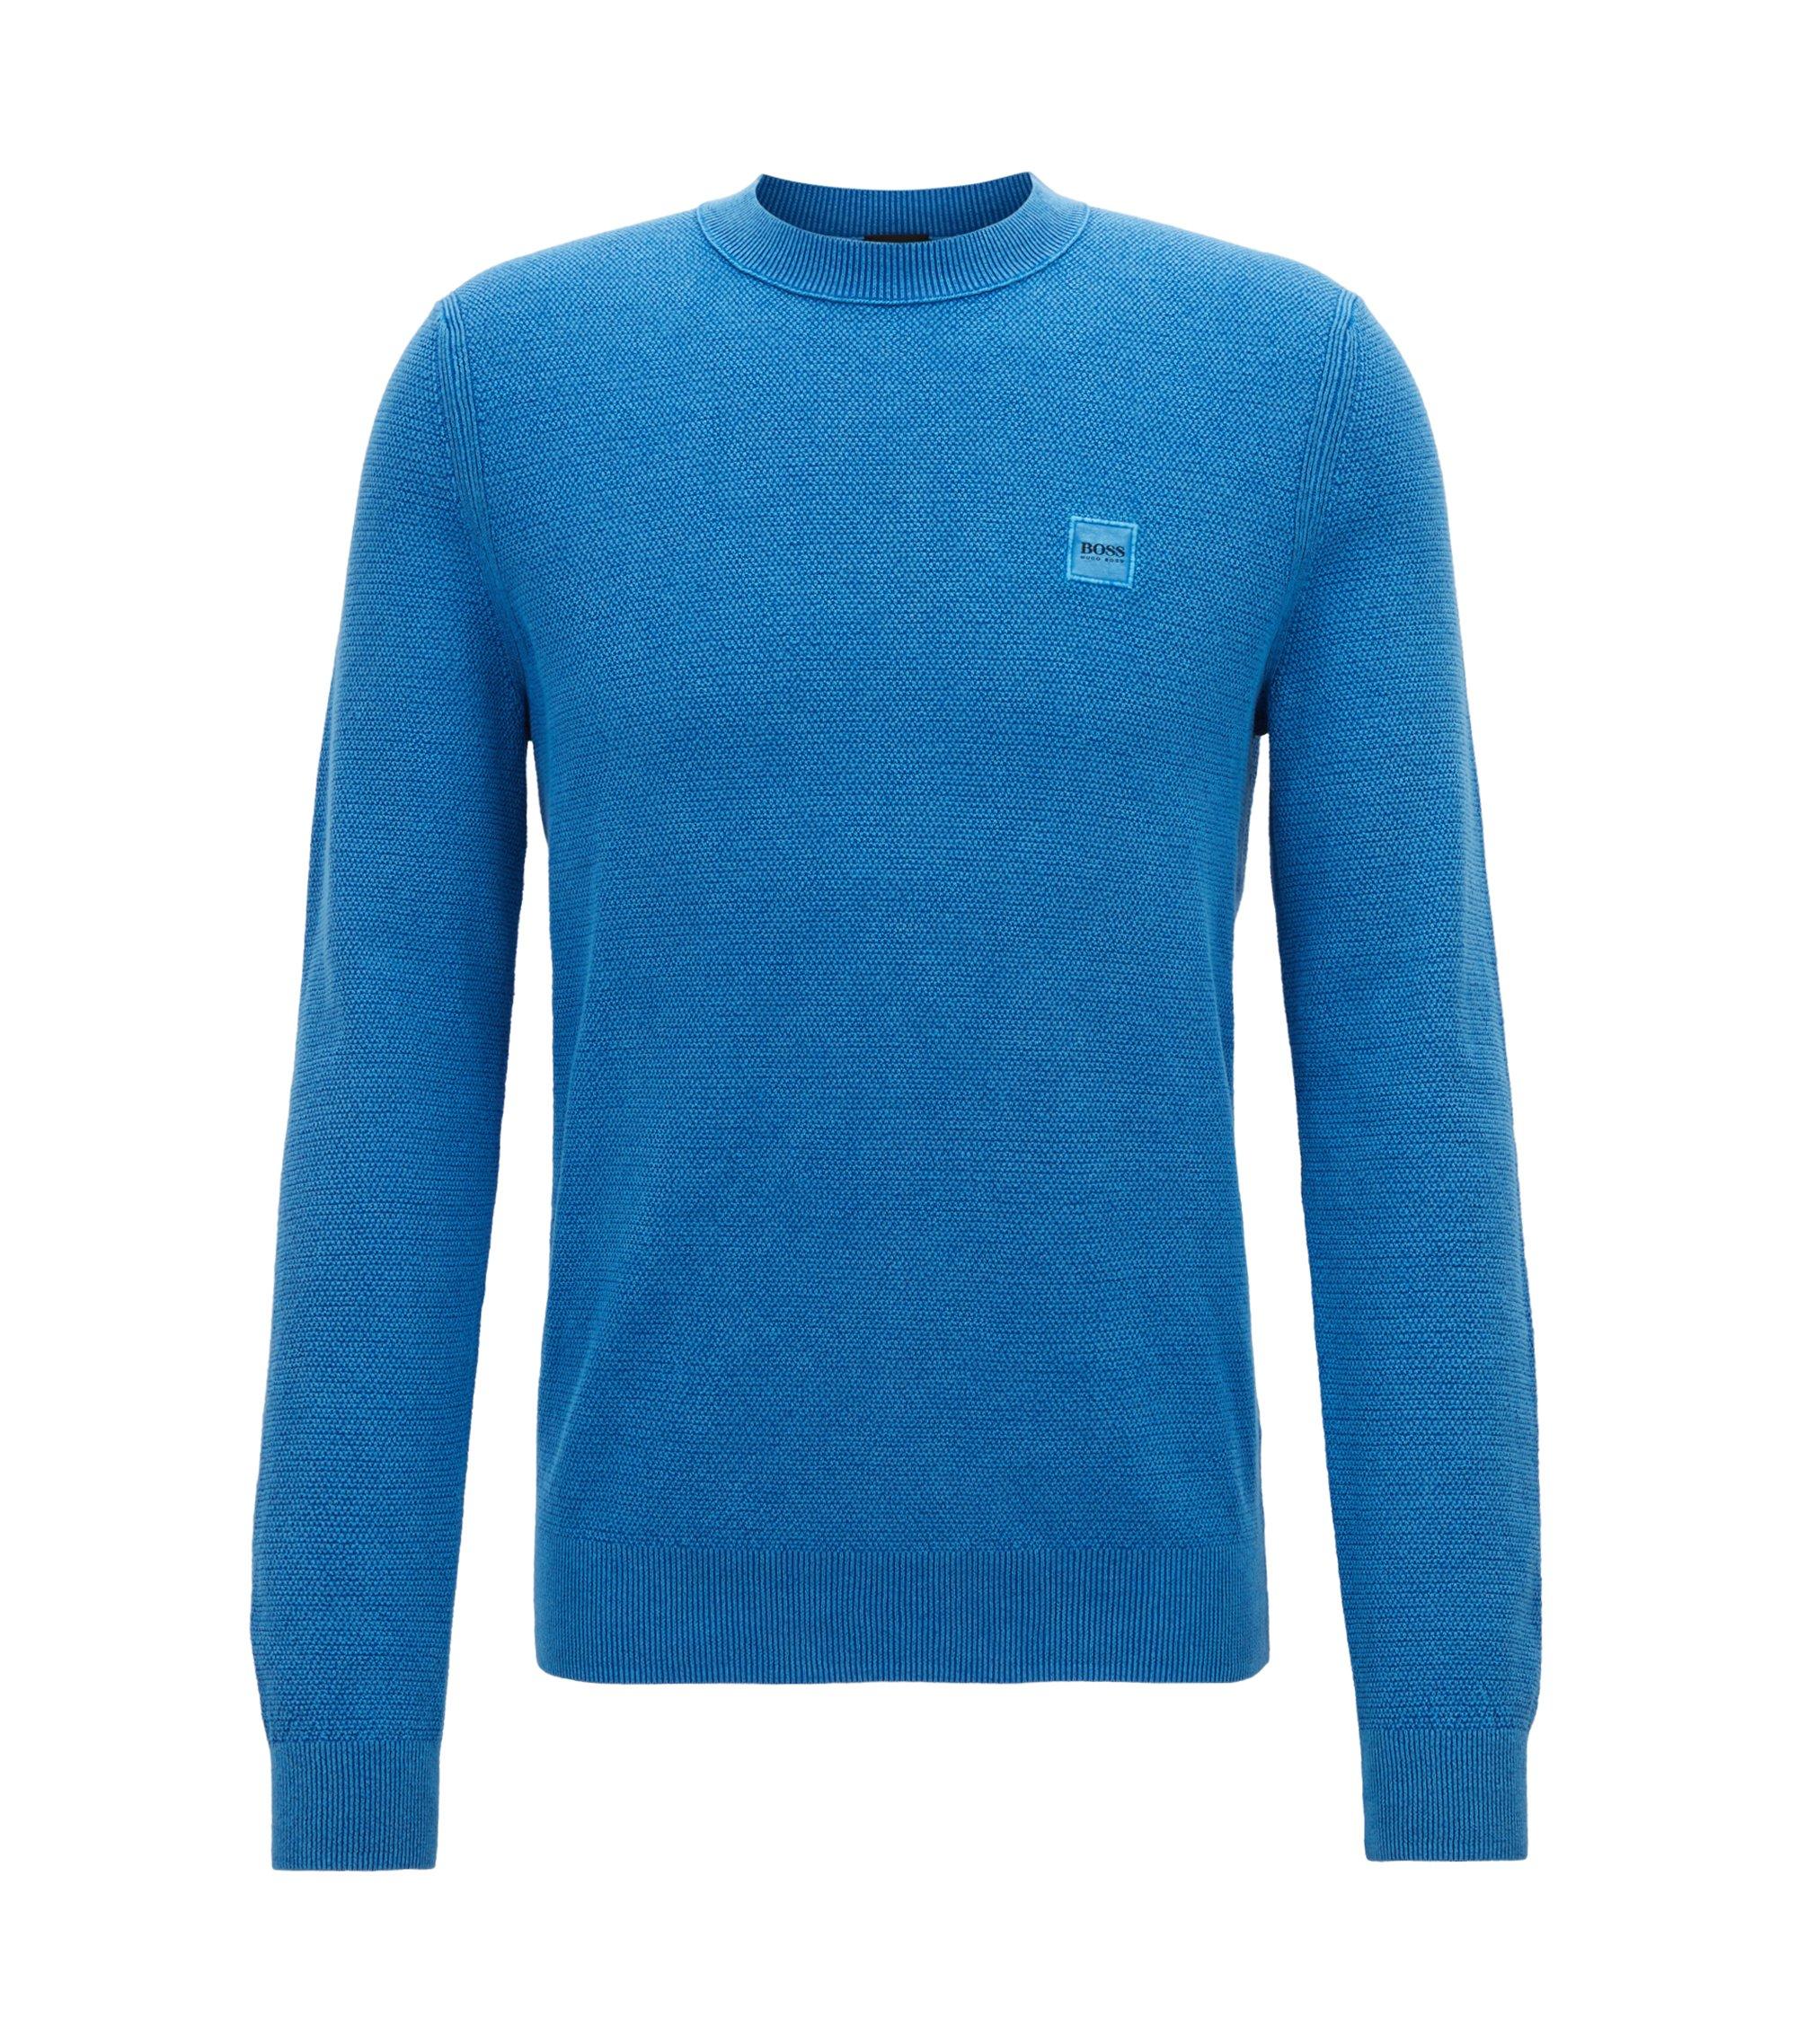 Katoenen trui met ronde hals en all-over-textuur, Blauw